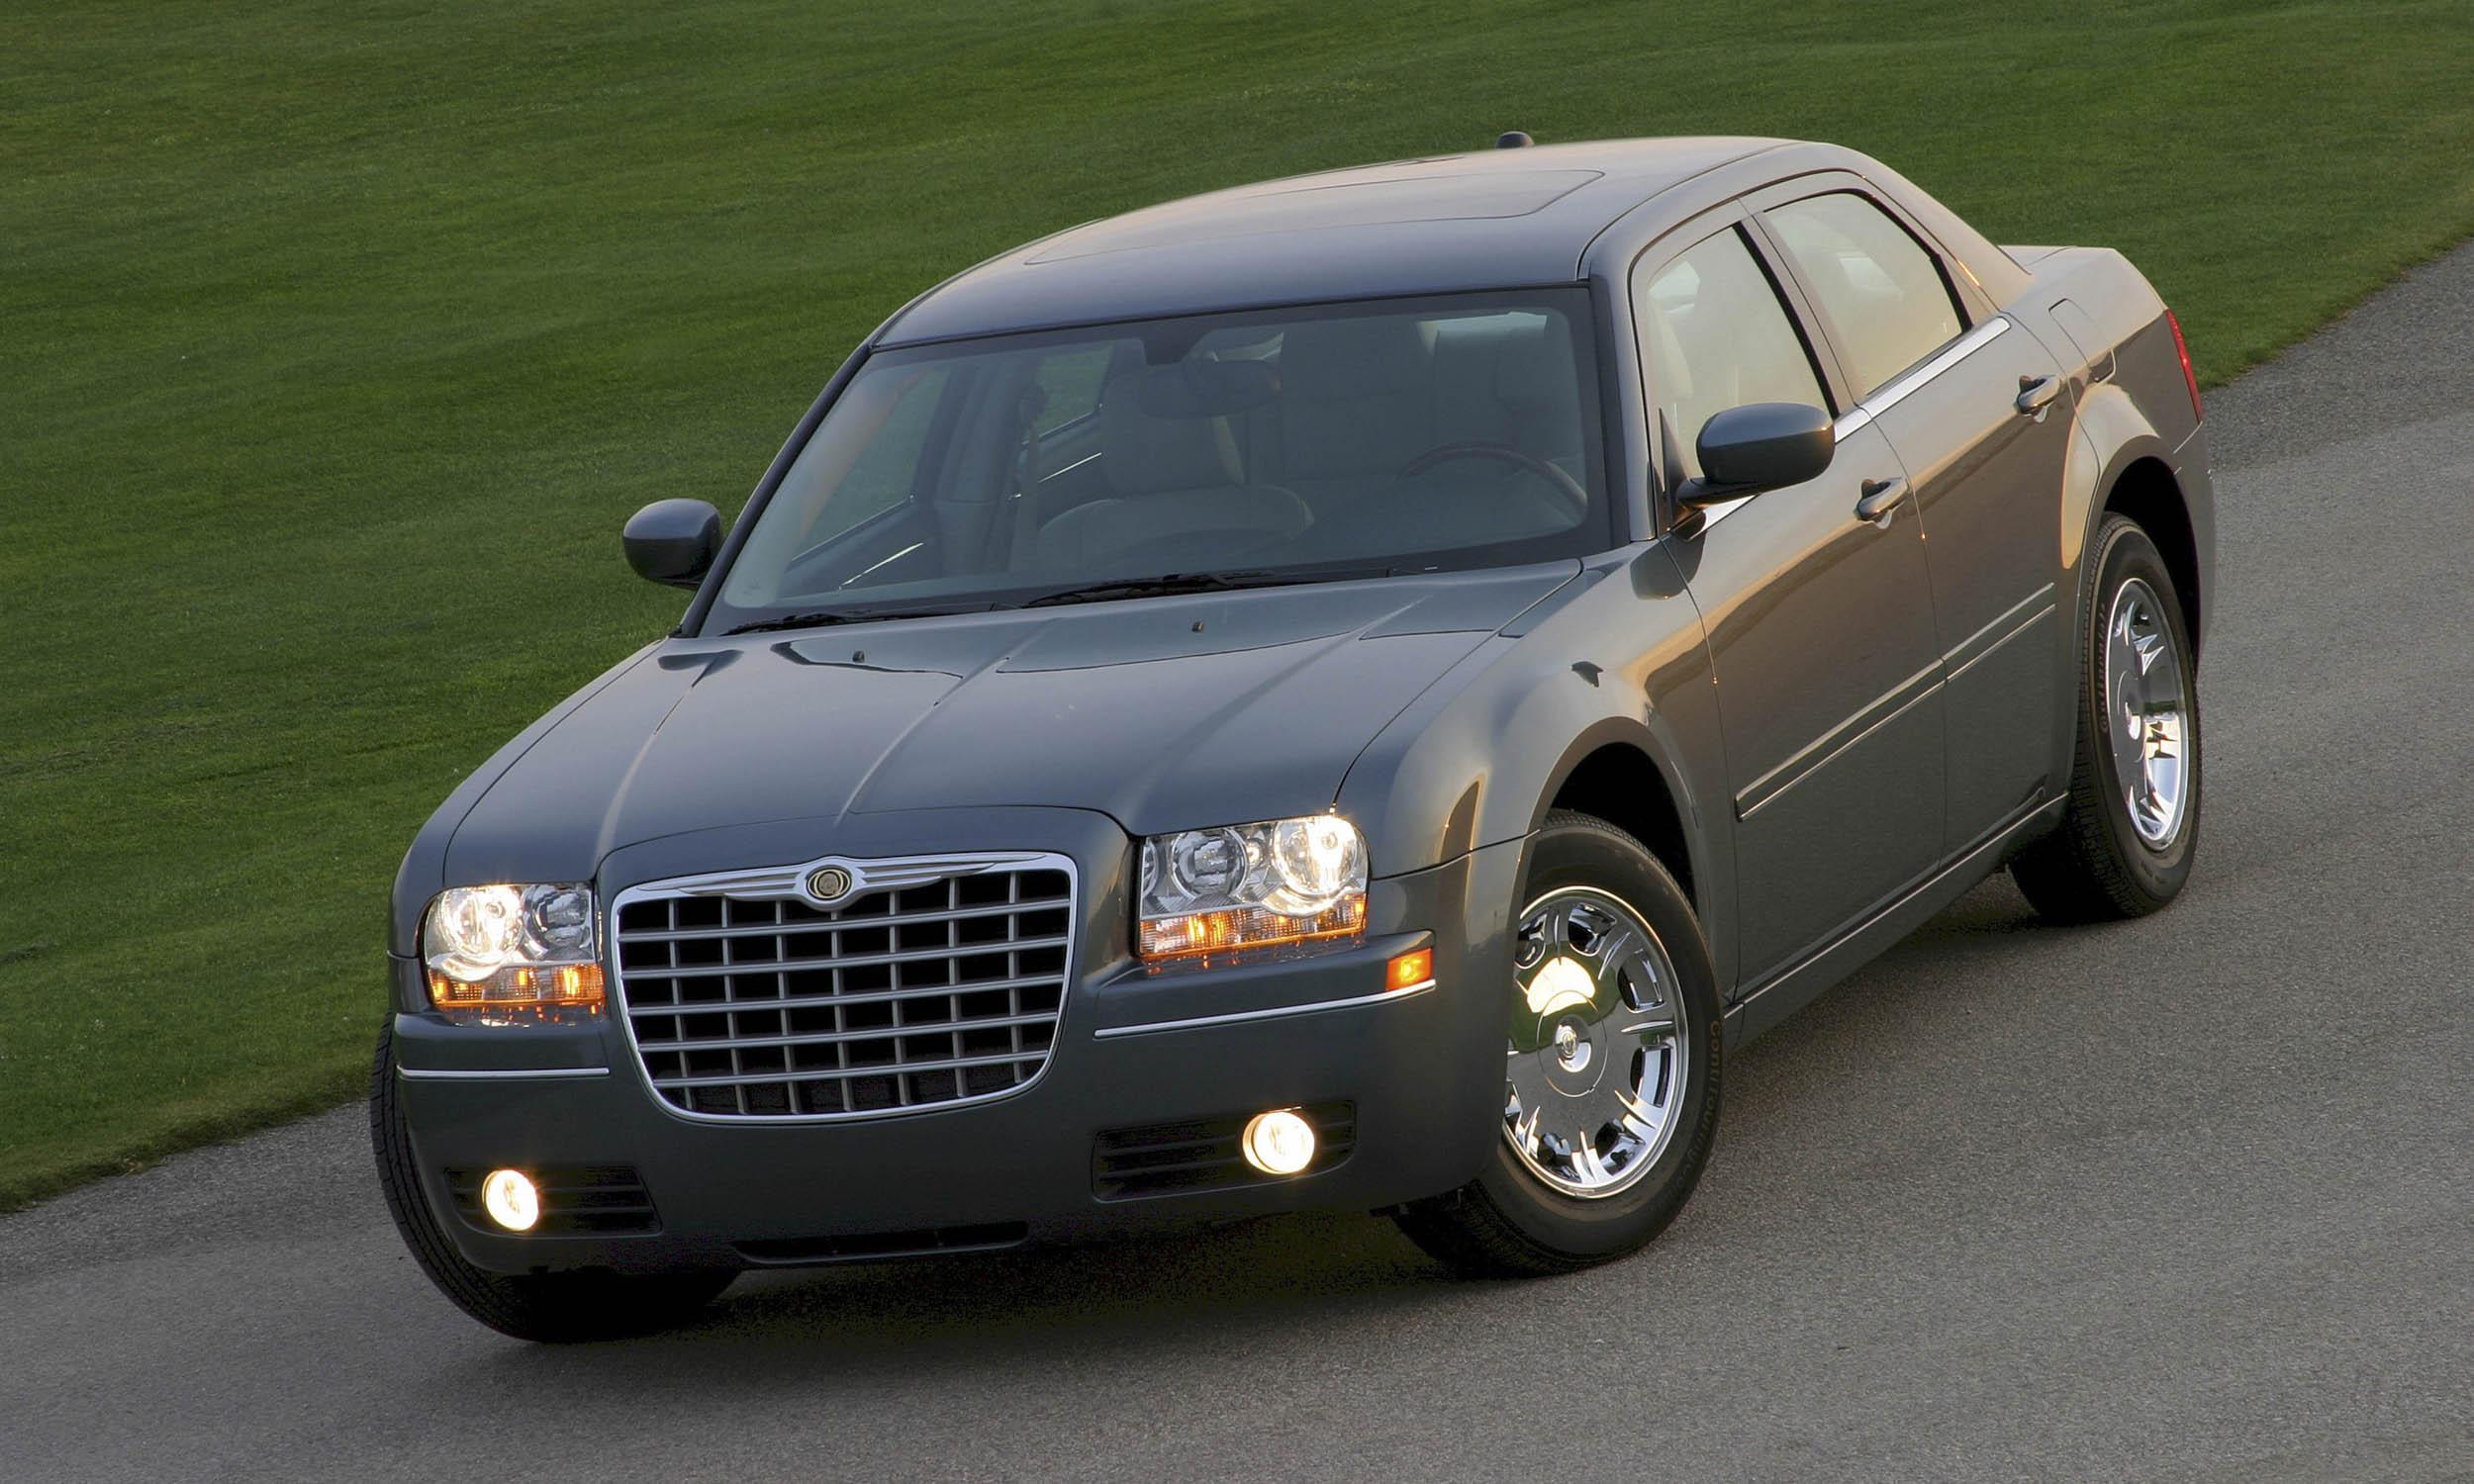 2005 Chrysler 300 Limited